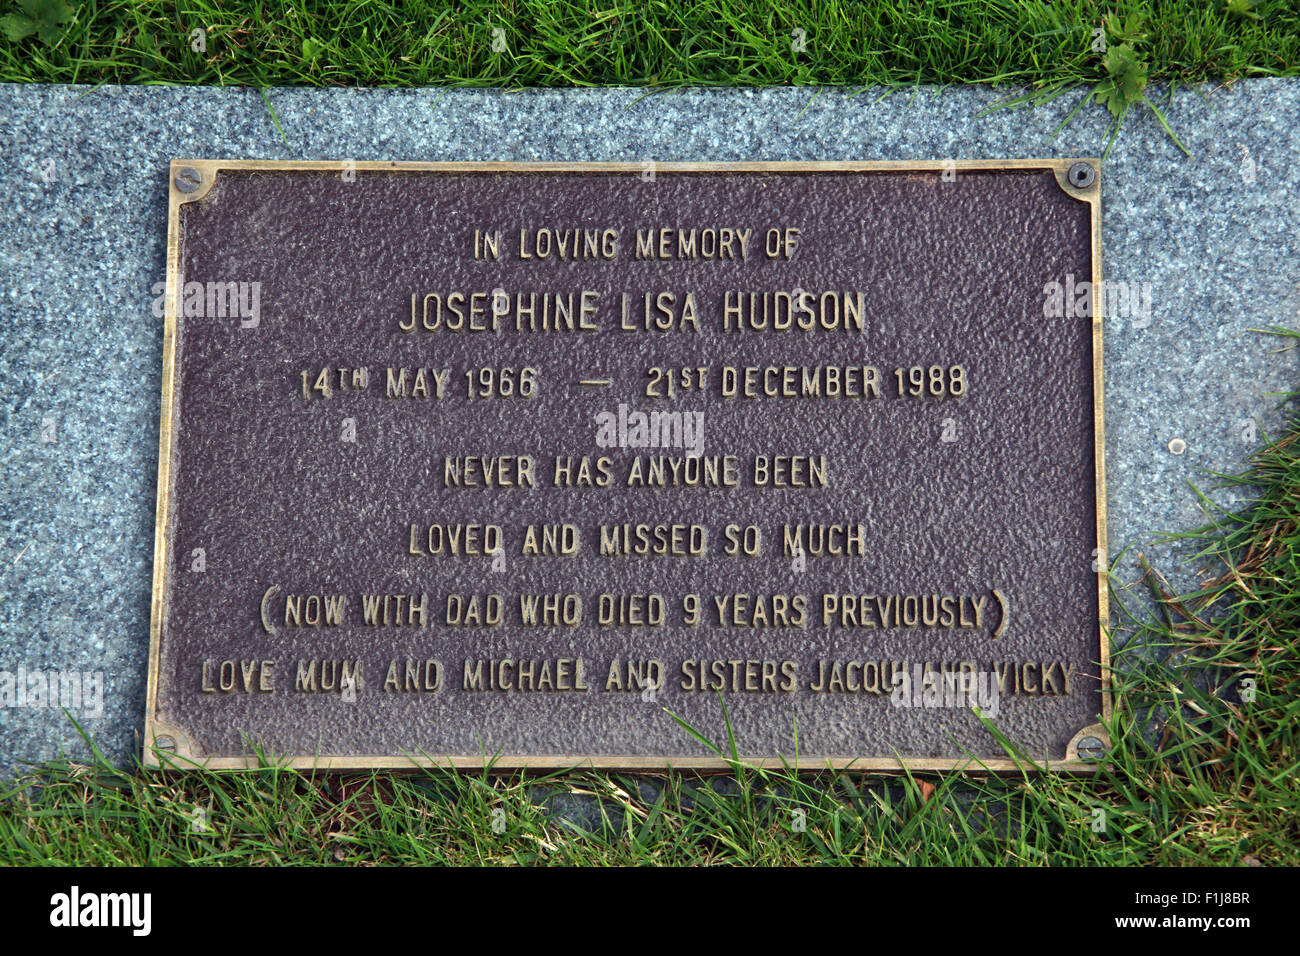 Lockerbie PanAm103 In Rememberance Memorial Josephine Lisa Hudson, Scotland - Stock Image